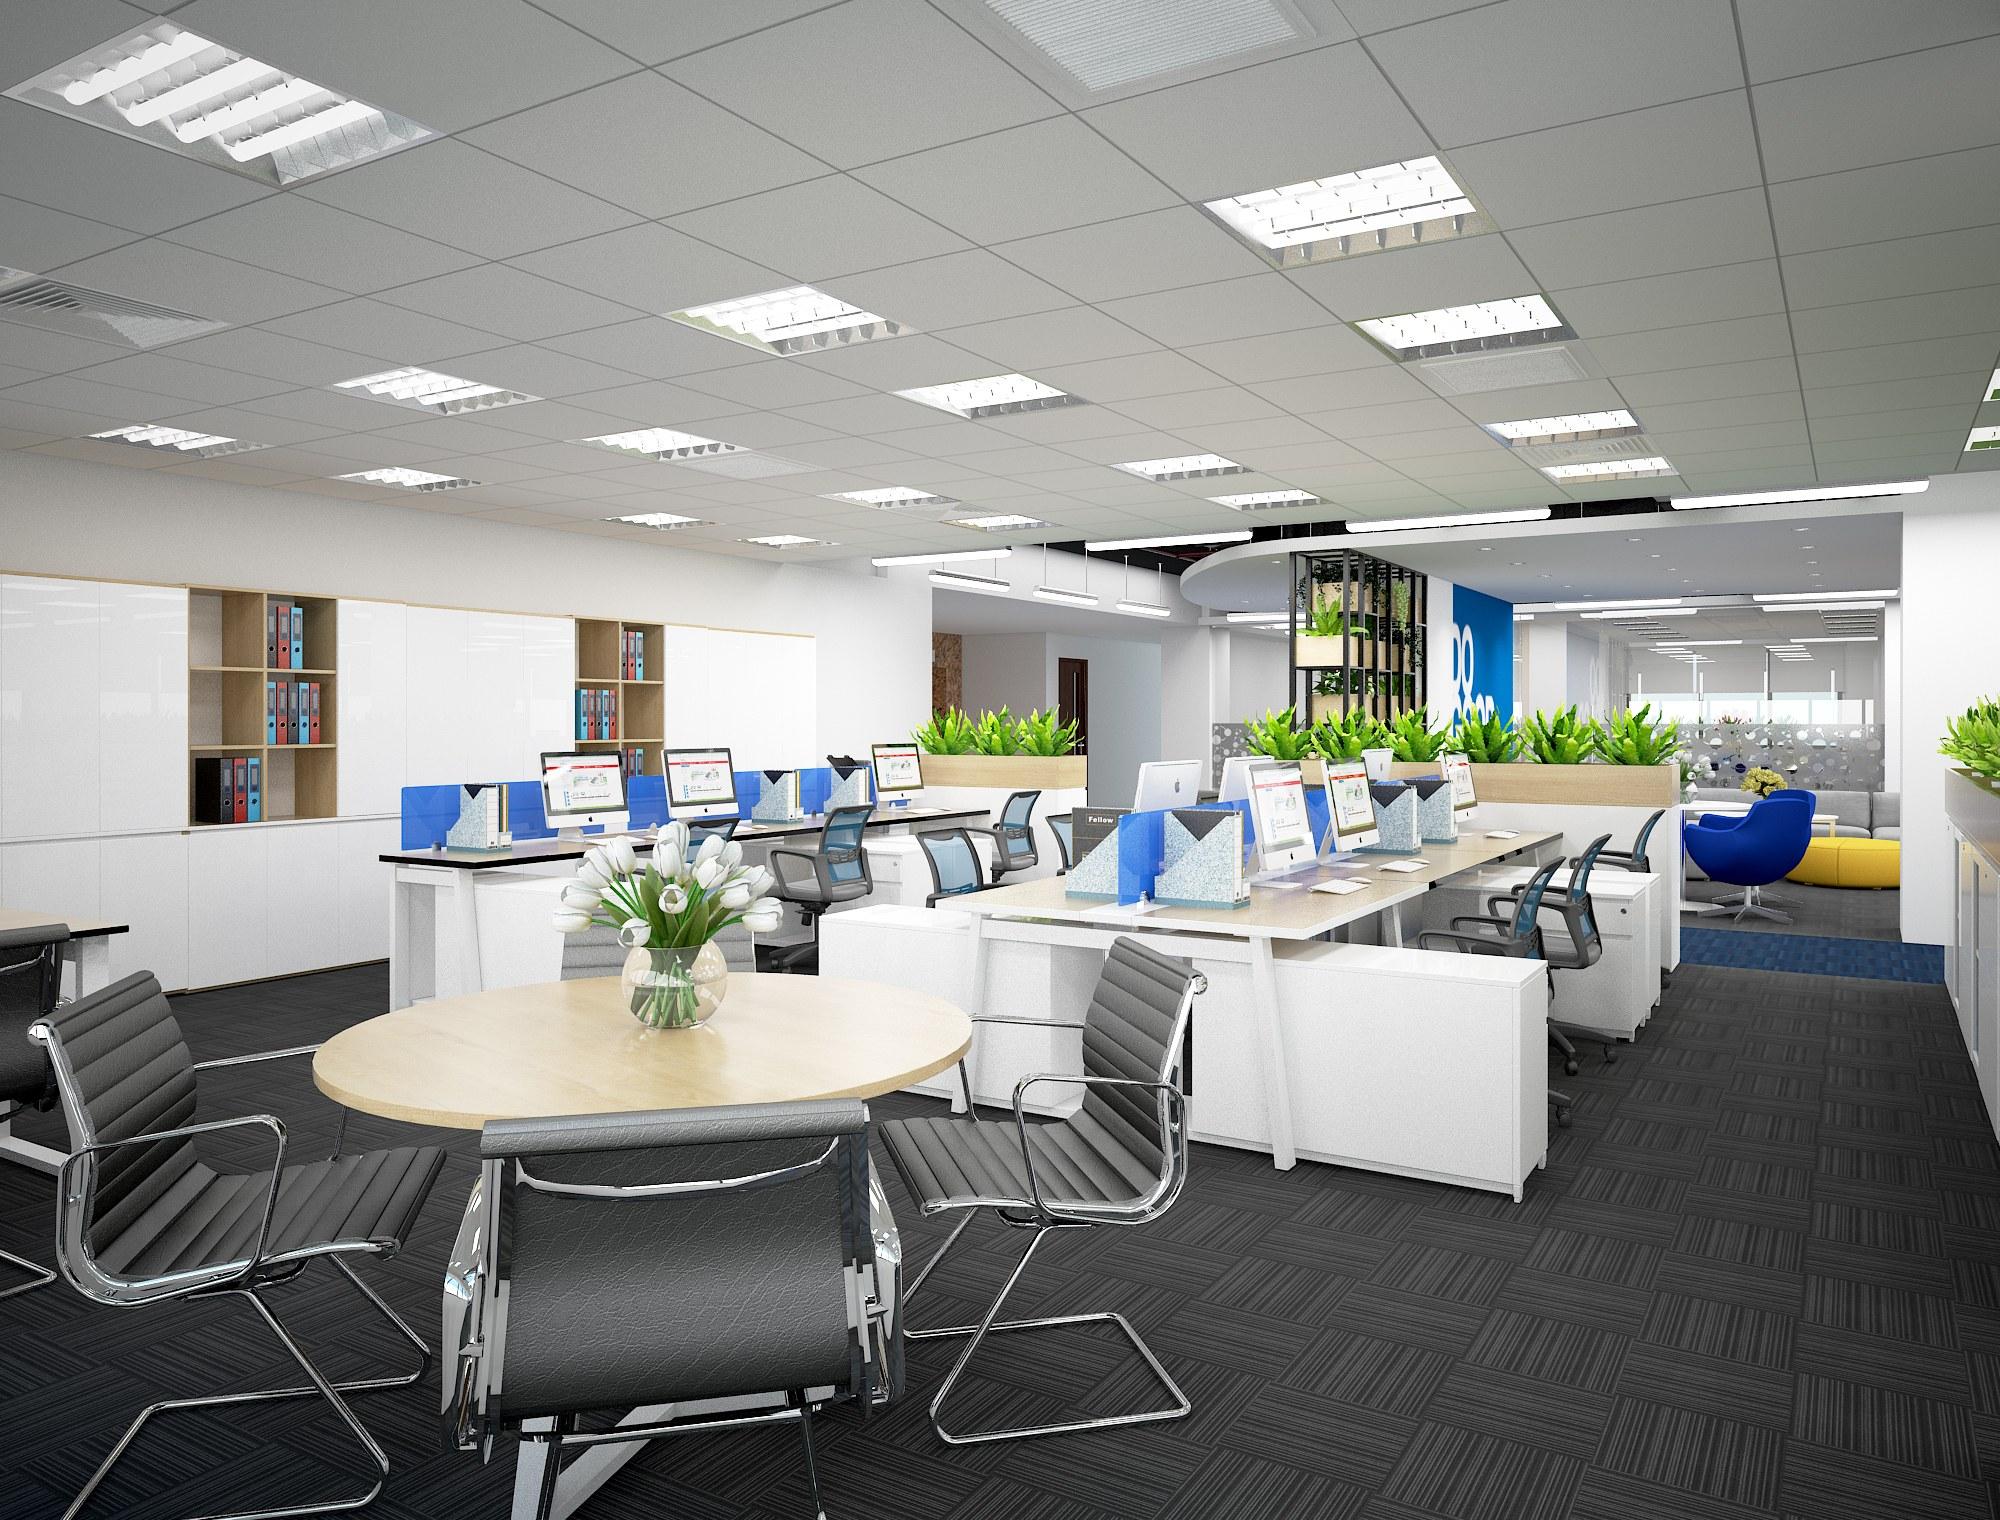 Thiết kế văn phòng mở